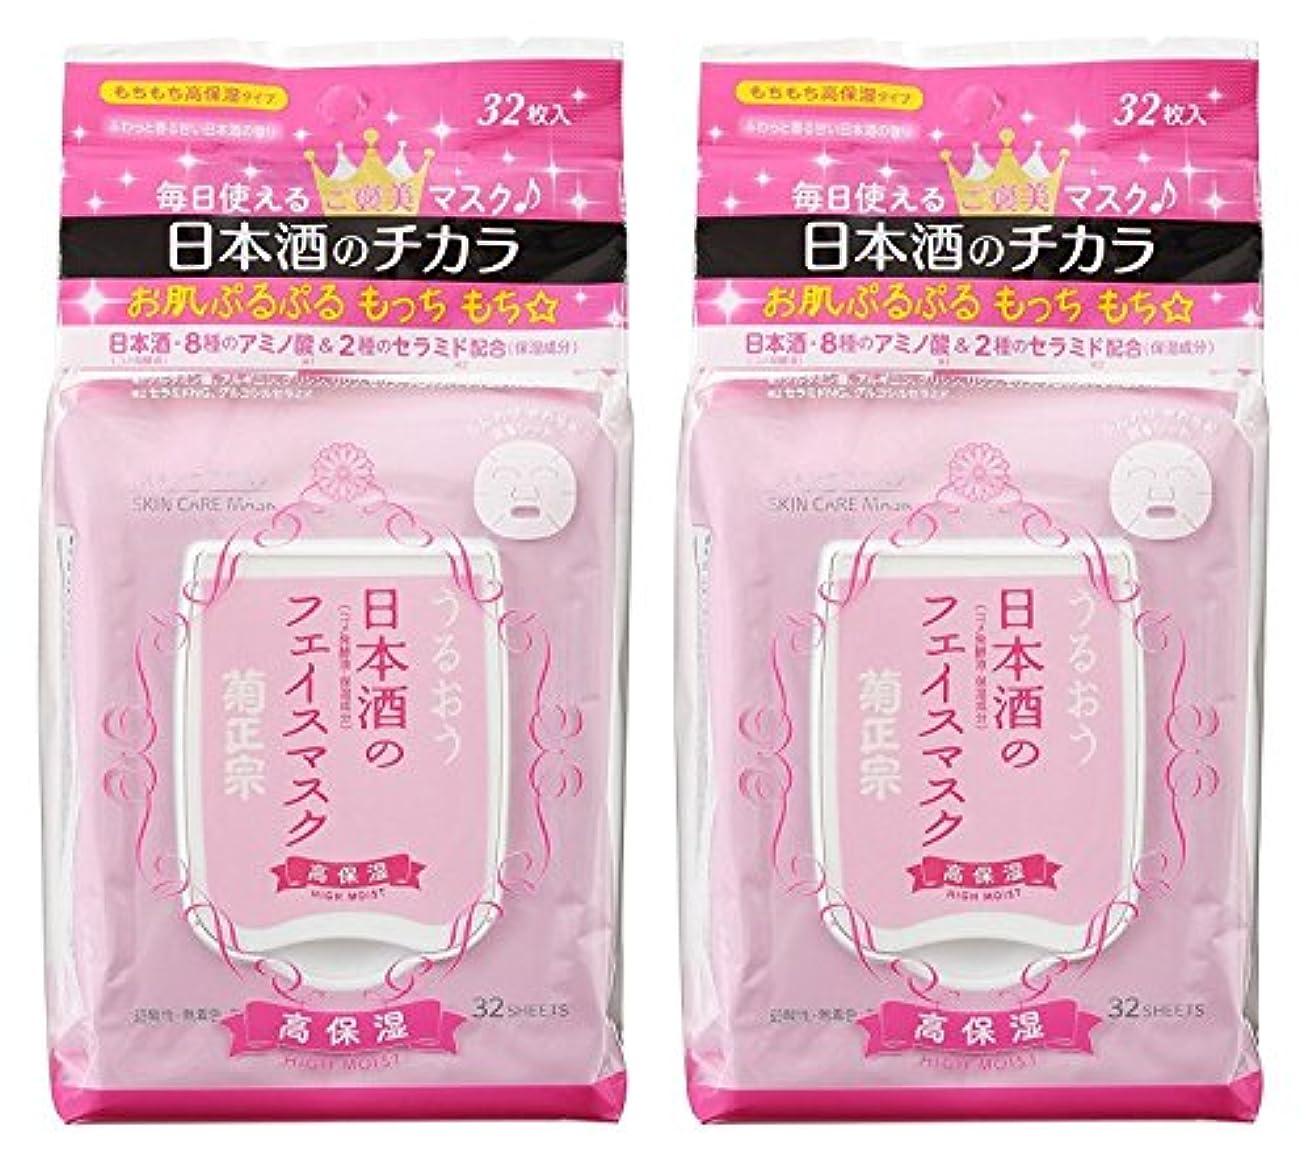 女の子メアリアンジョーンズ神経障害菊正宗 日本酒のフェイスマスク 高保湿 32枚入×2セット